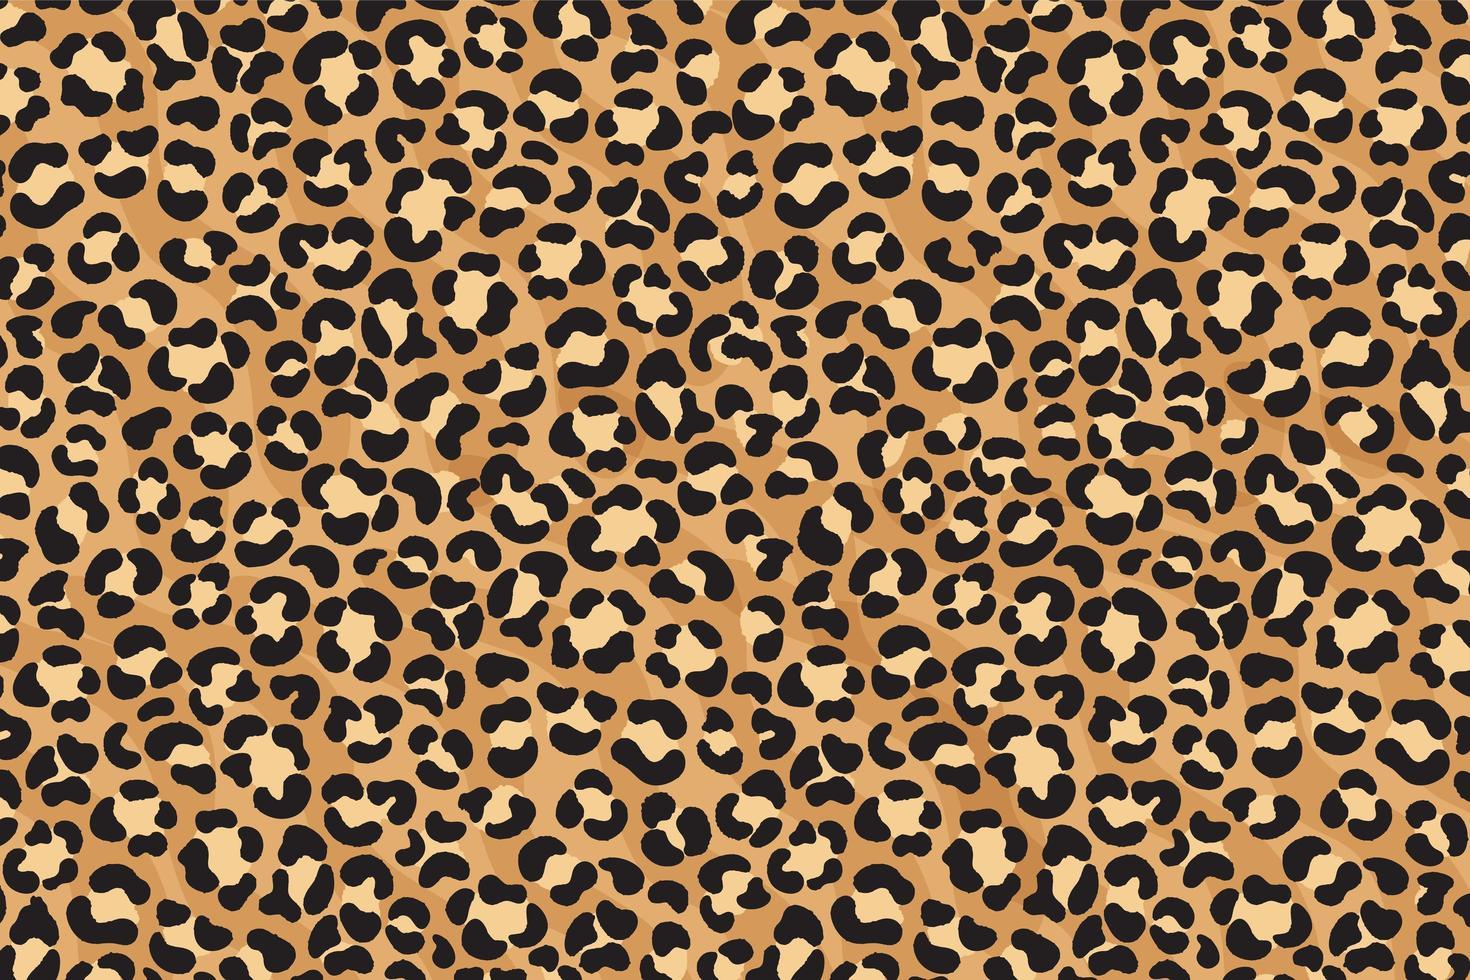 luipaard print ontwerp. cheetah huid. dierenprint. vector